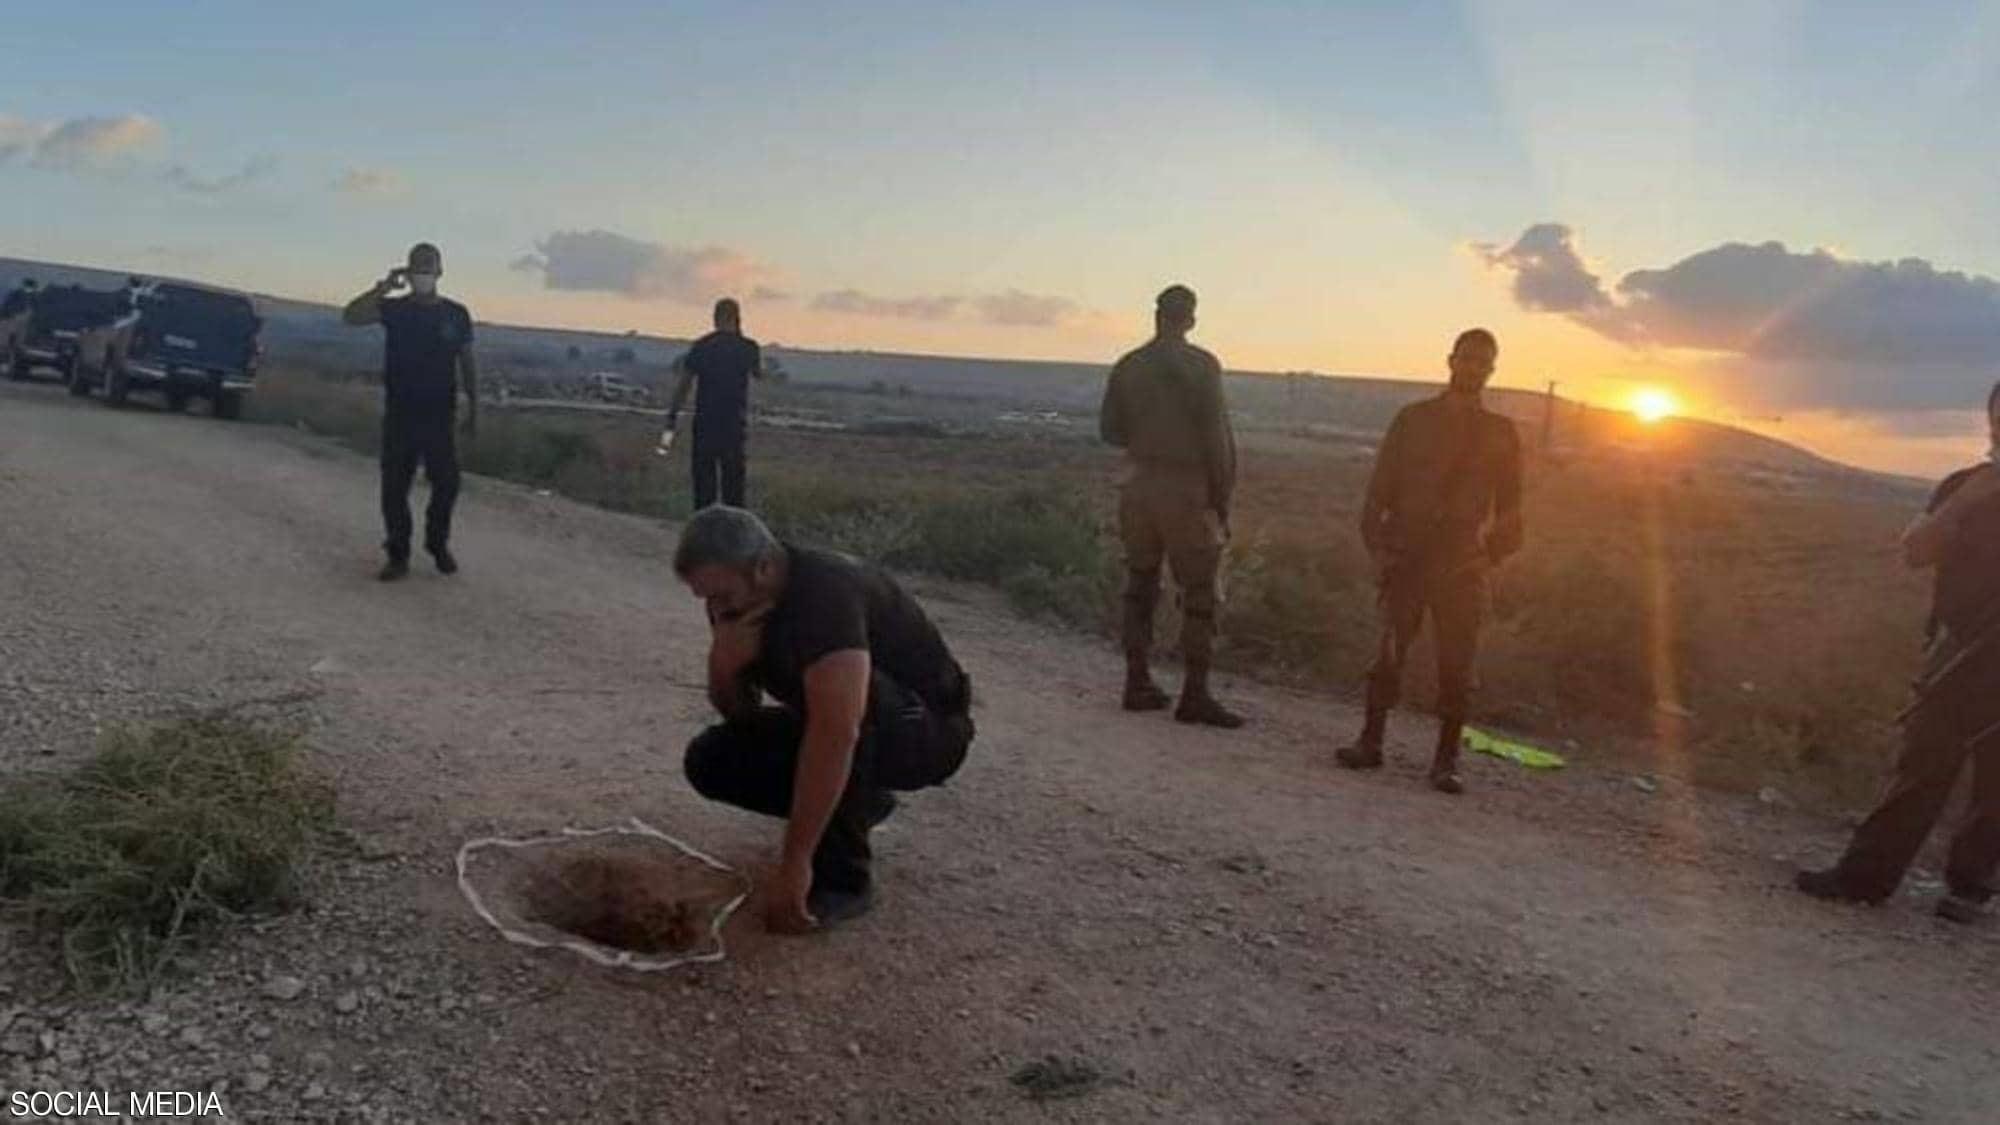 بالصور: هروب 6 أسرى فلسطينيين من سجن جلبوع...